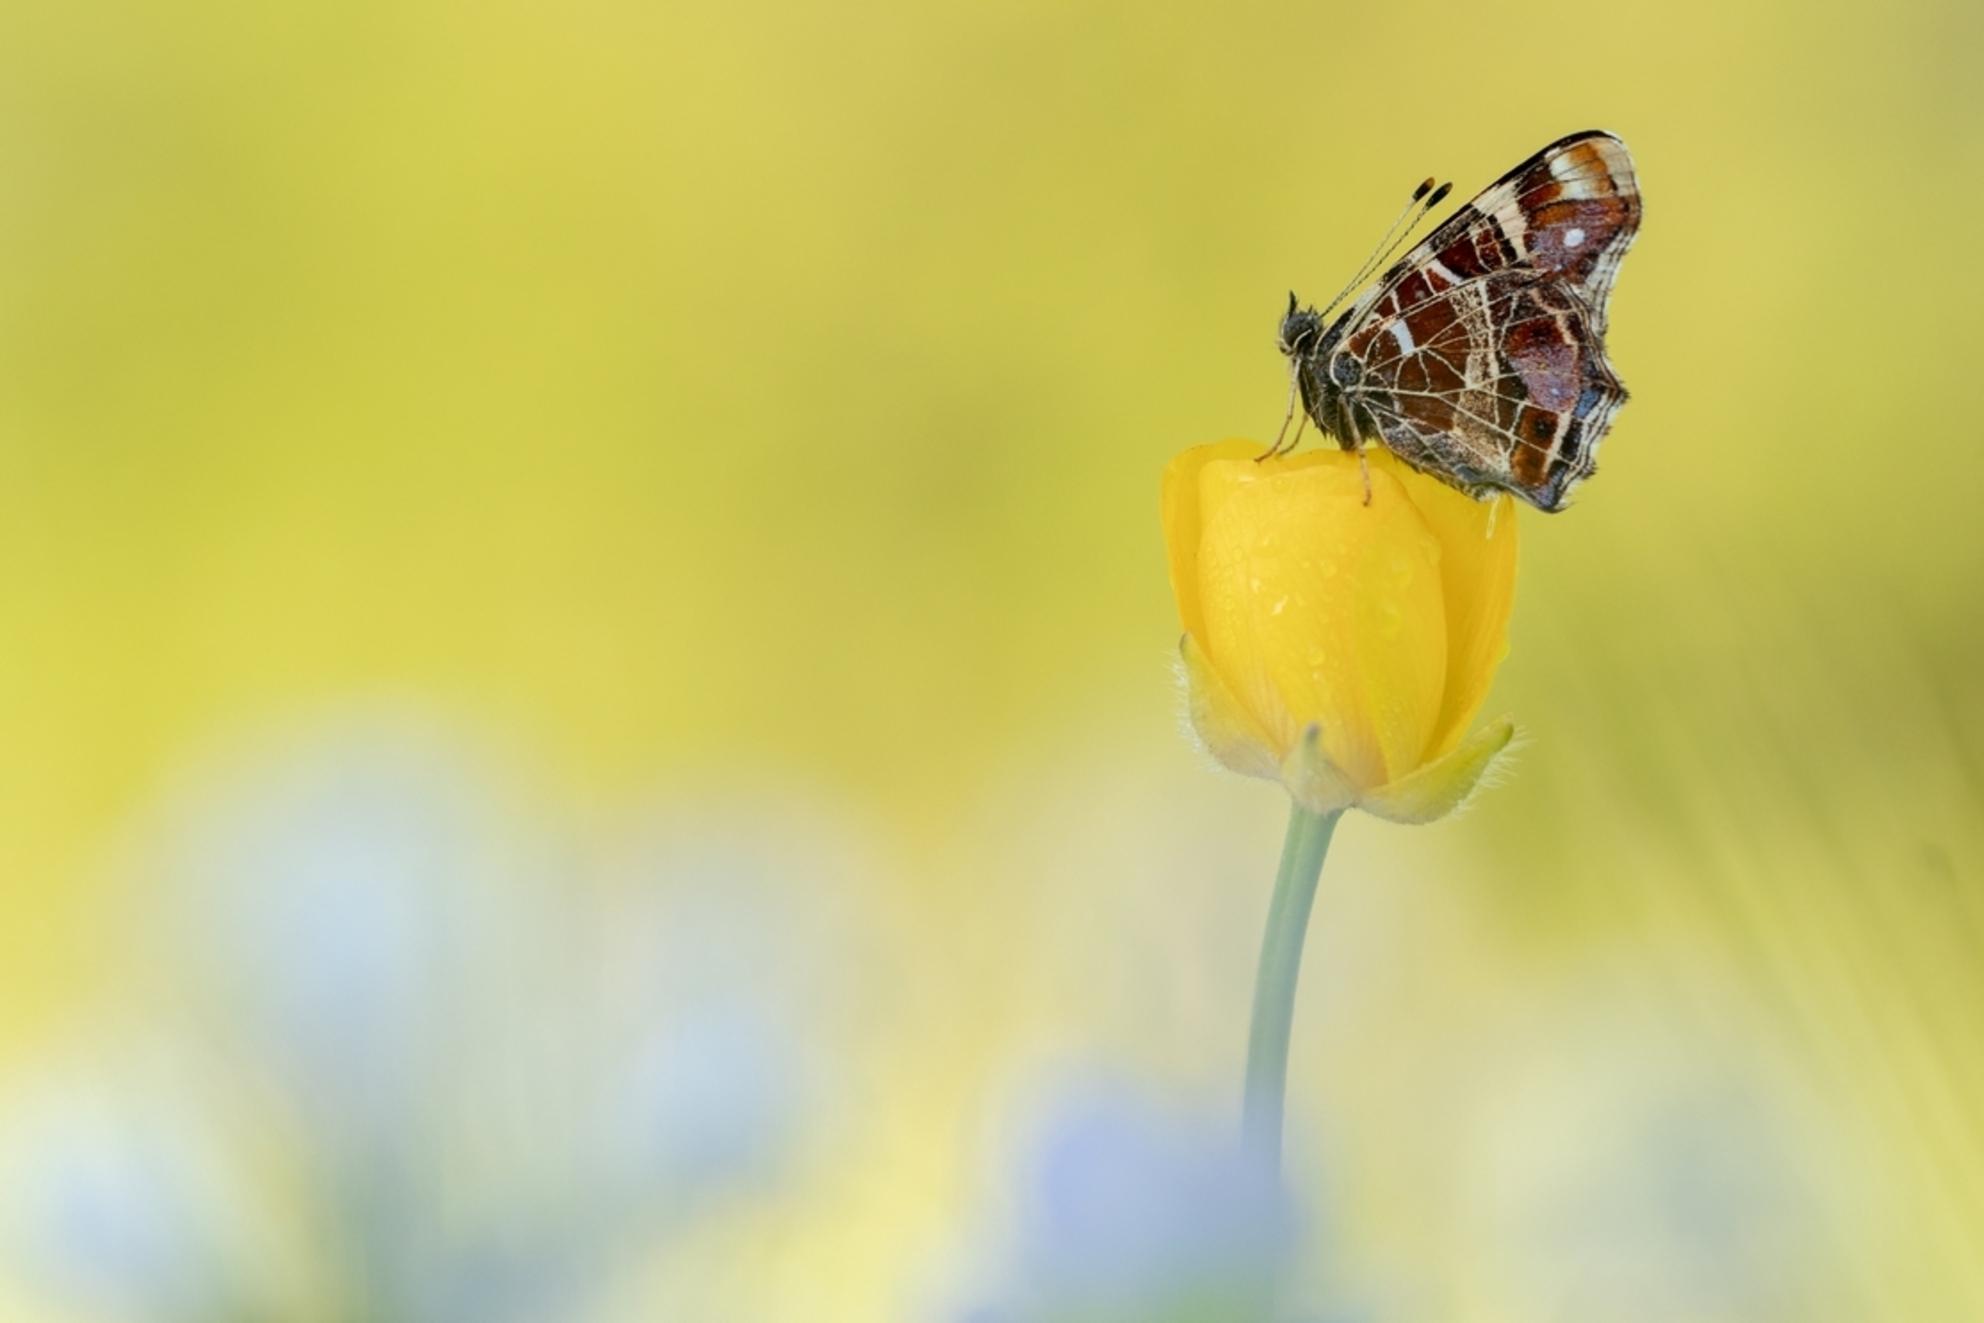 landkaartje - nog een foto van een landkaartje, het zonlicht zorgde voor een mooie gele achtergrond..  bedankt voor alle reacties op mijn vorige upload ! gr. Mar - foto door MvanDijk op 08-05-2018 - deze foto bevat: macro, wit, zon, bloem, lente, natuur, vlinder, geel, licht, insect, dauw, dof